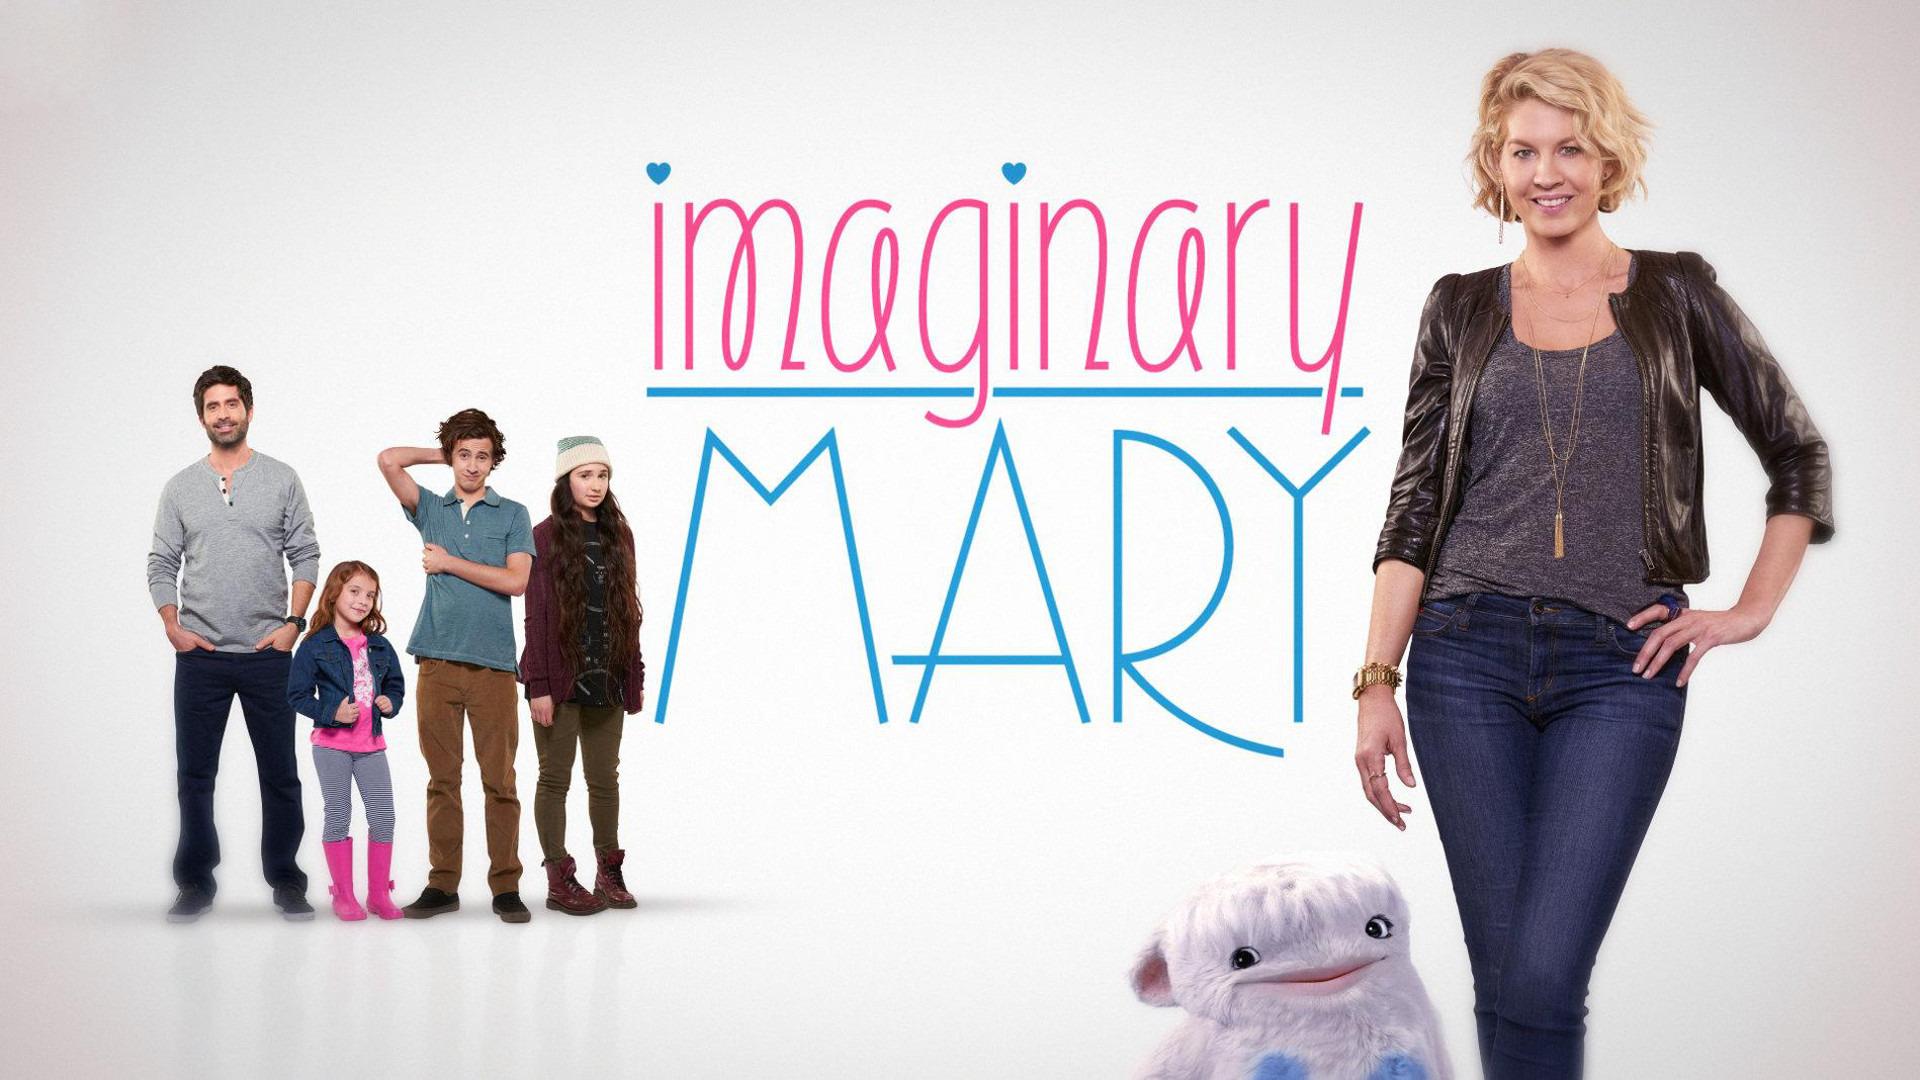 Show Imaginary Mary